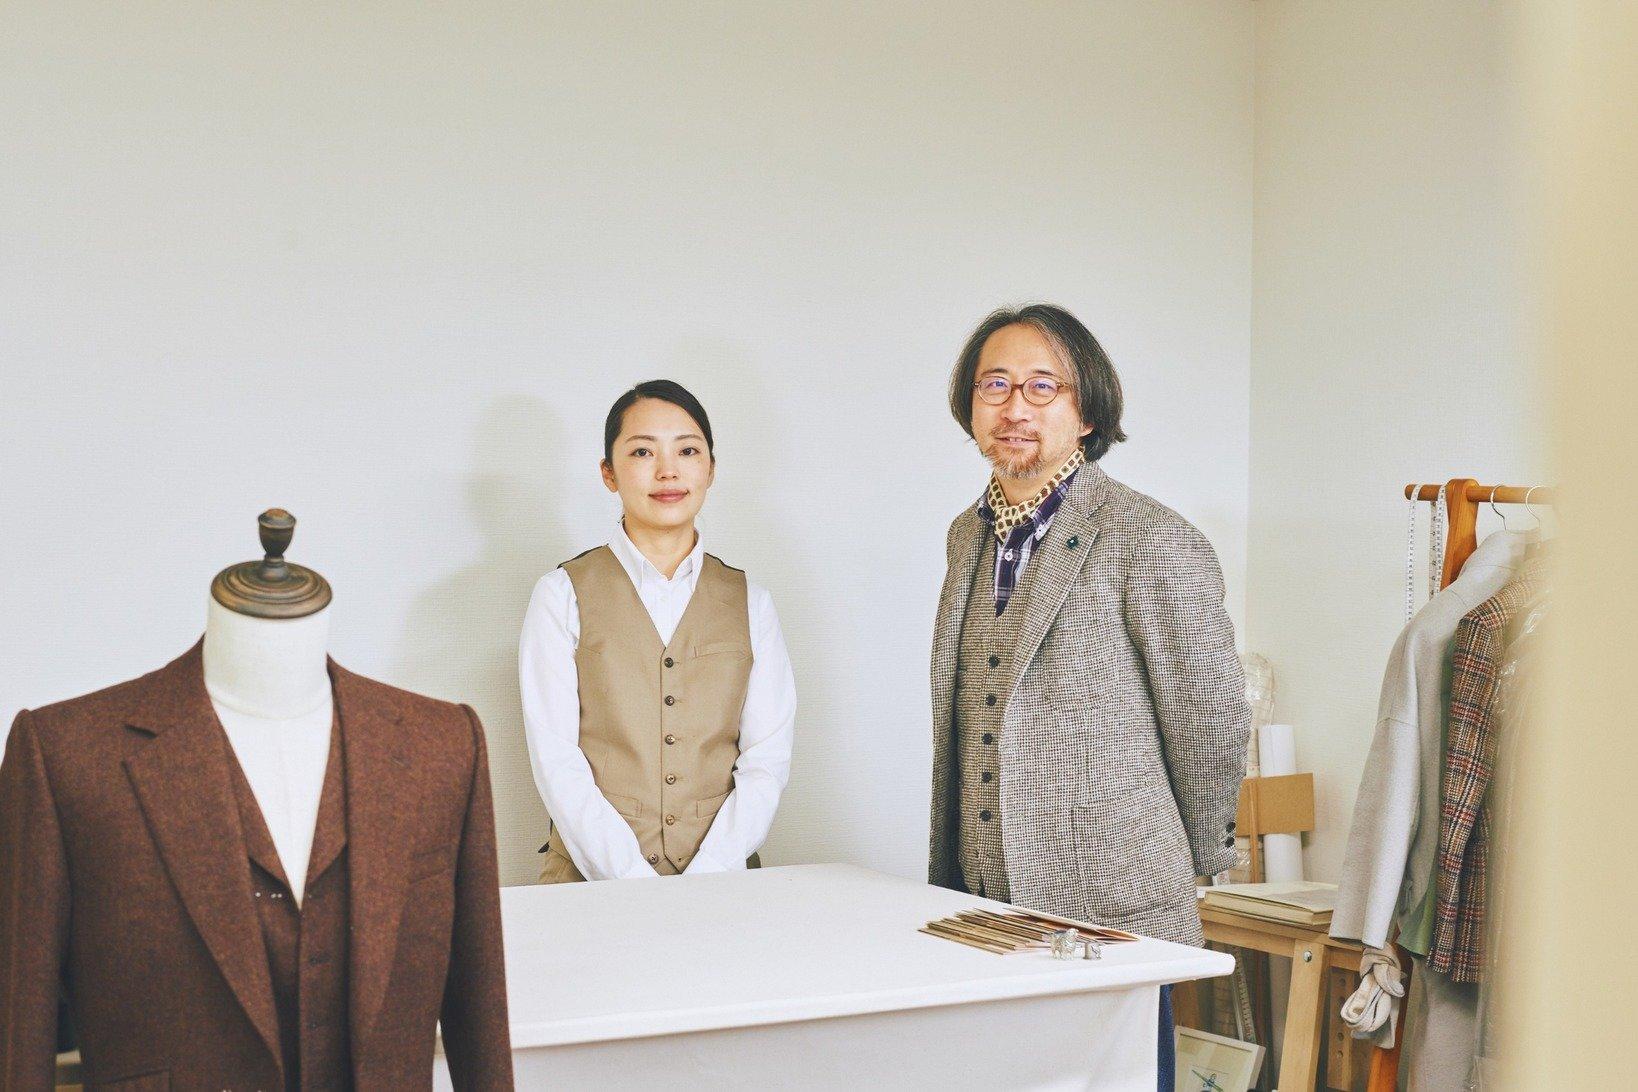 終始和やかな雰囲気のインタビューだったが、会話中にさらっと倉野さんのジャケットの服地ブランドを言い当てるという、あっと驚かされる一面も。SHEETSで作られるスーツの魅力だけでなく、森田さん自身の魅力にも引き込まれました。